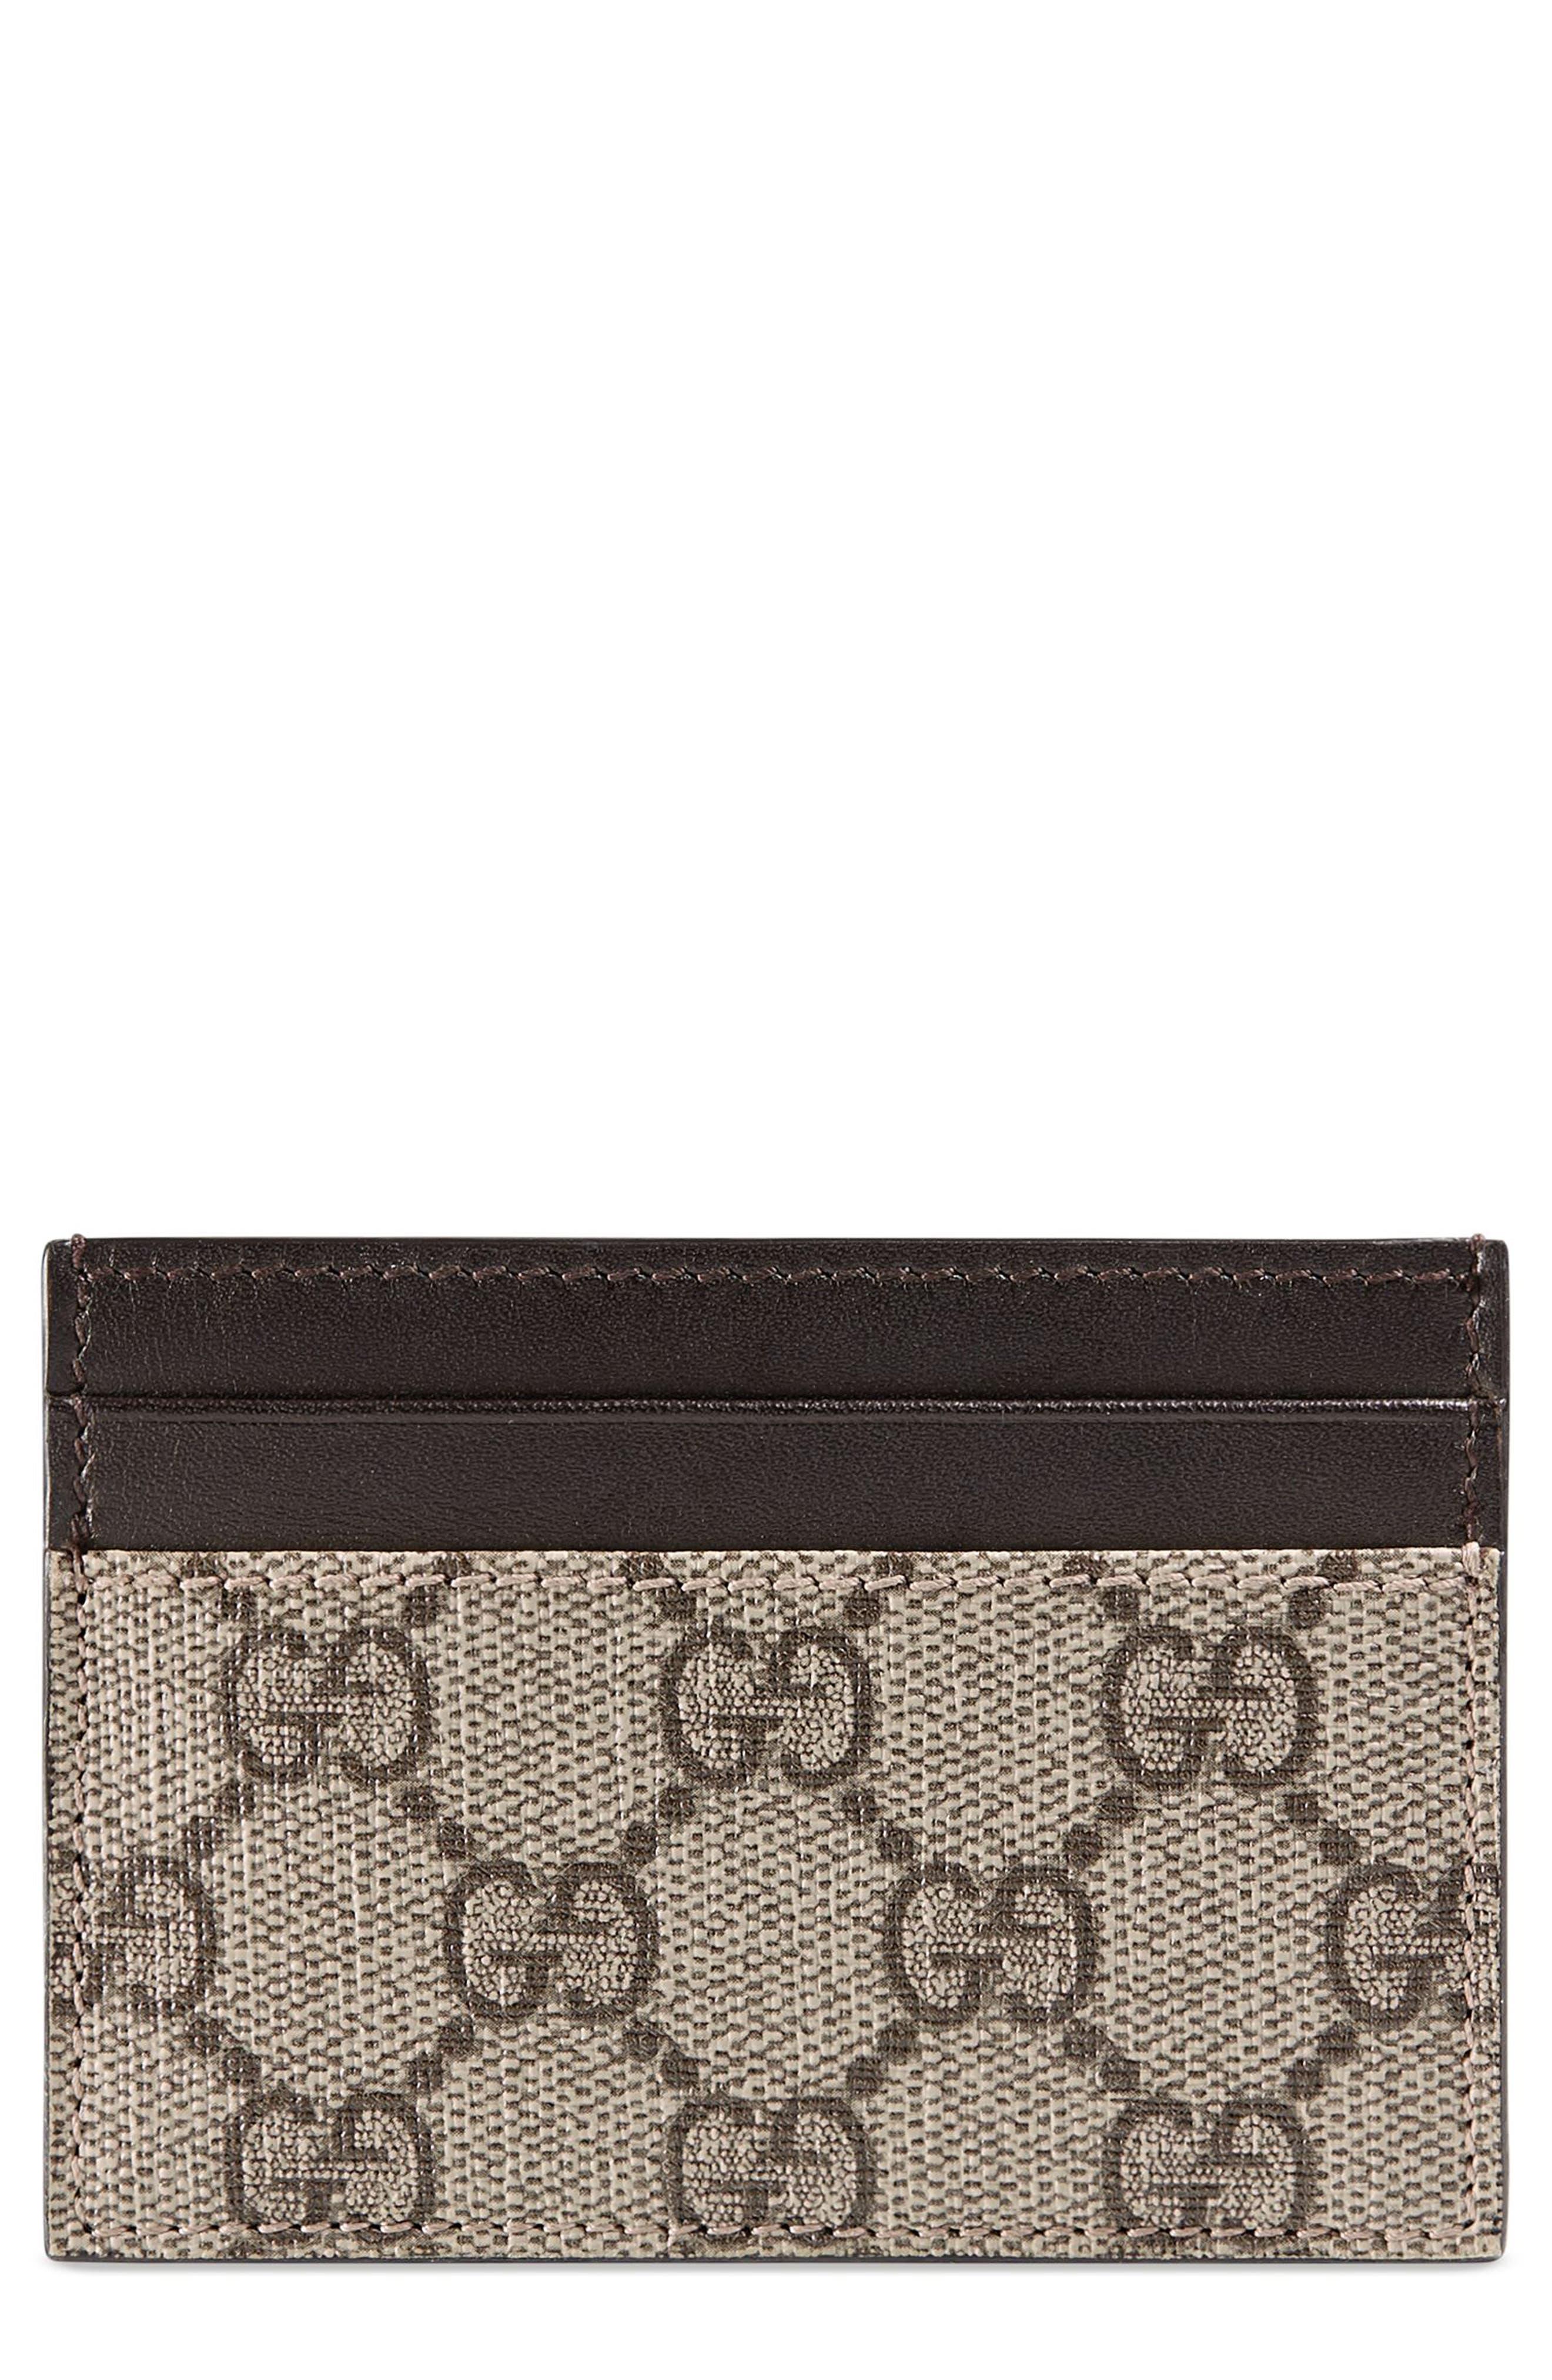 Supreme Canvas & Leather Money Clip, Main, color, 268